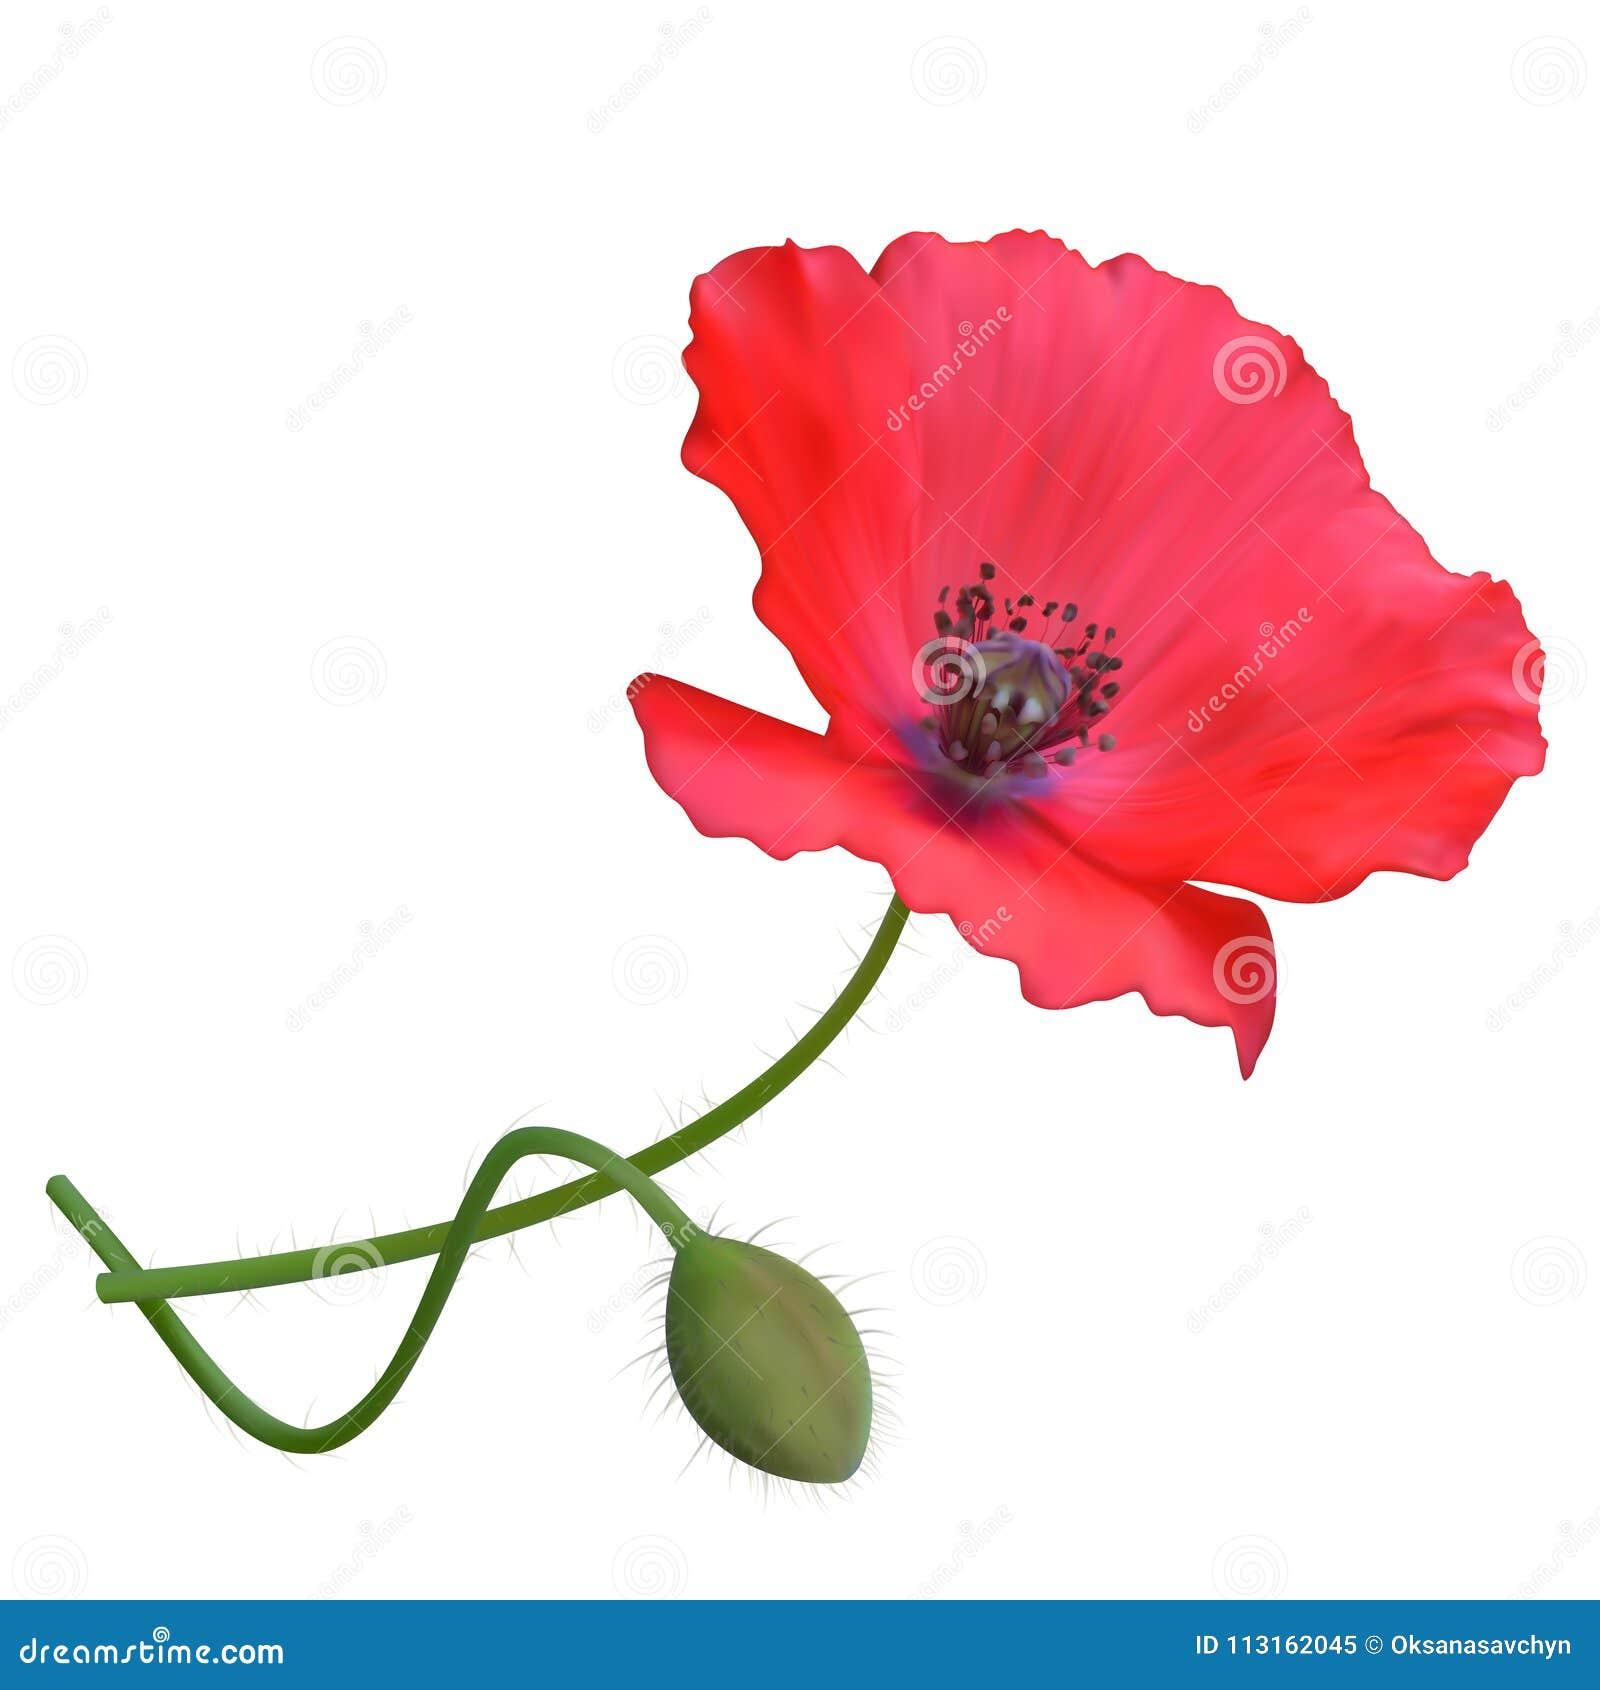 Red Poppy Flower White Background Stock Vector Illustration Of